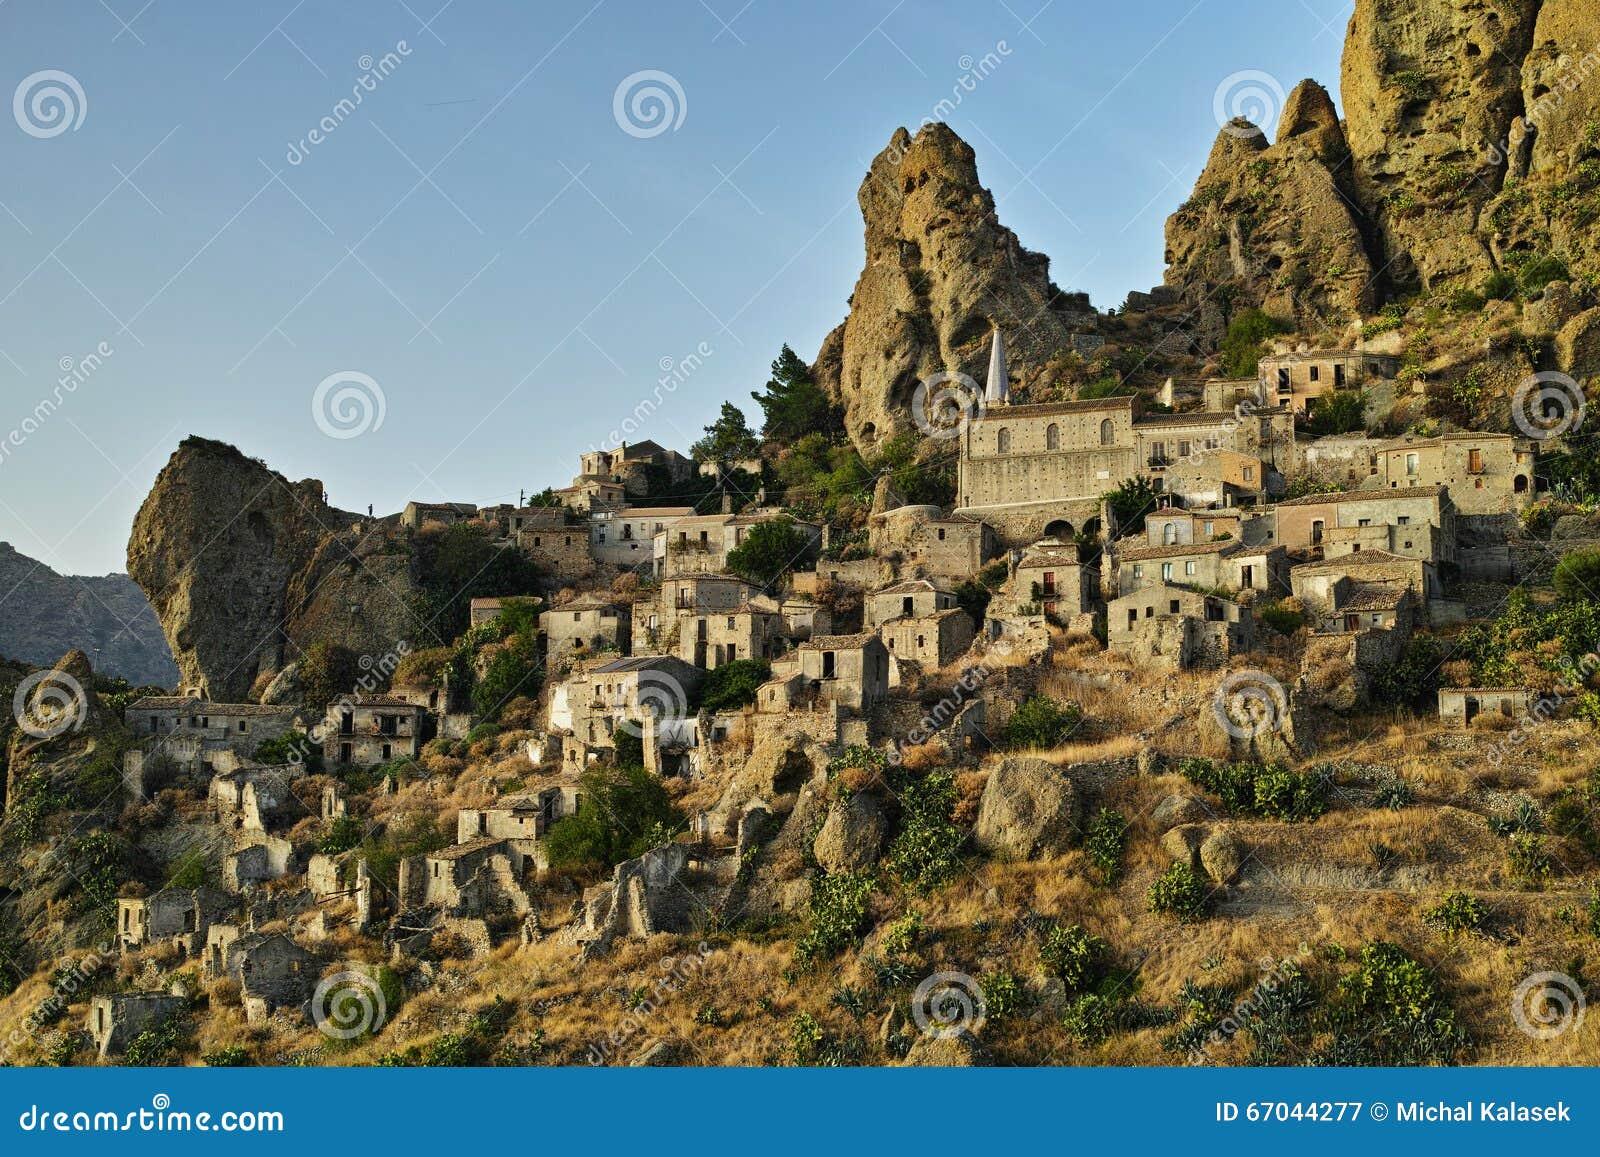 Italiaanse stad Pentedattilo, Italië, Europa